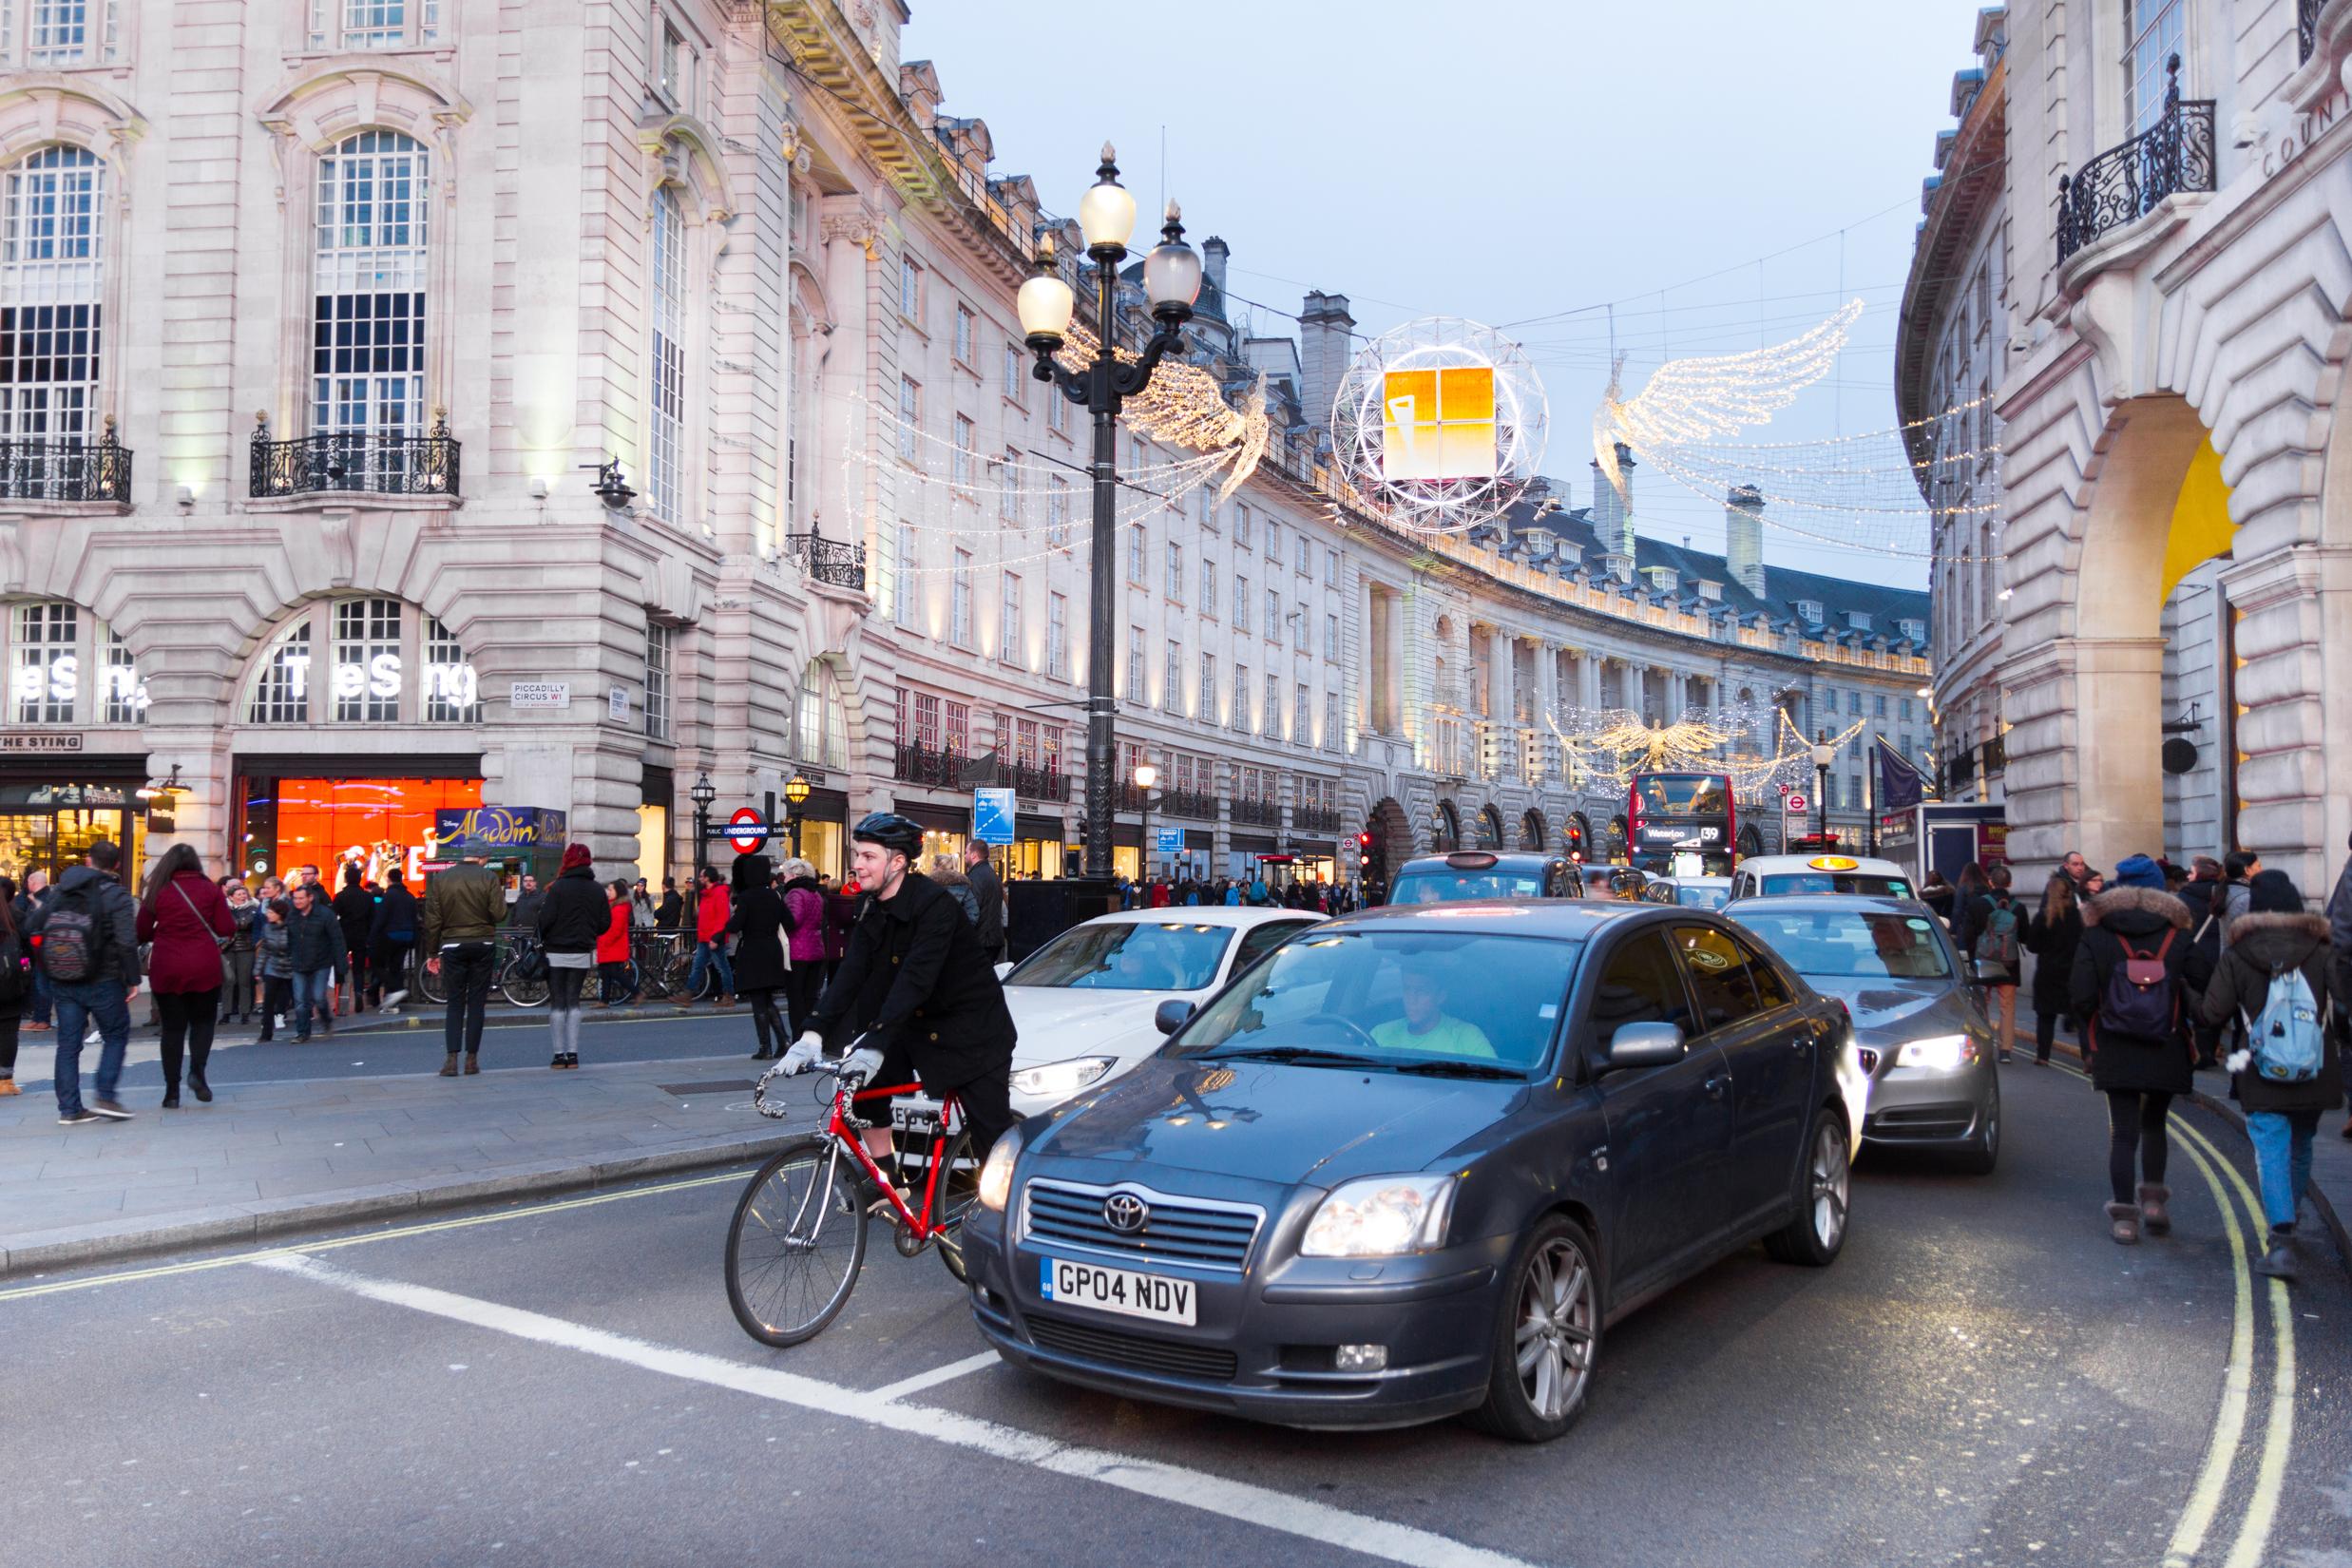 De 'weg' moet met steeds meer mensen worden gedeeld. - Shutterstock Giancario Liguori